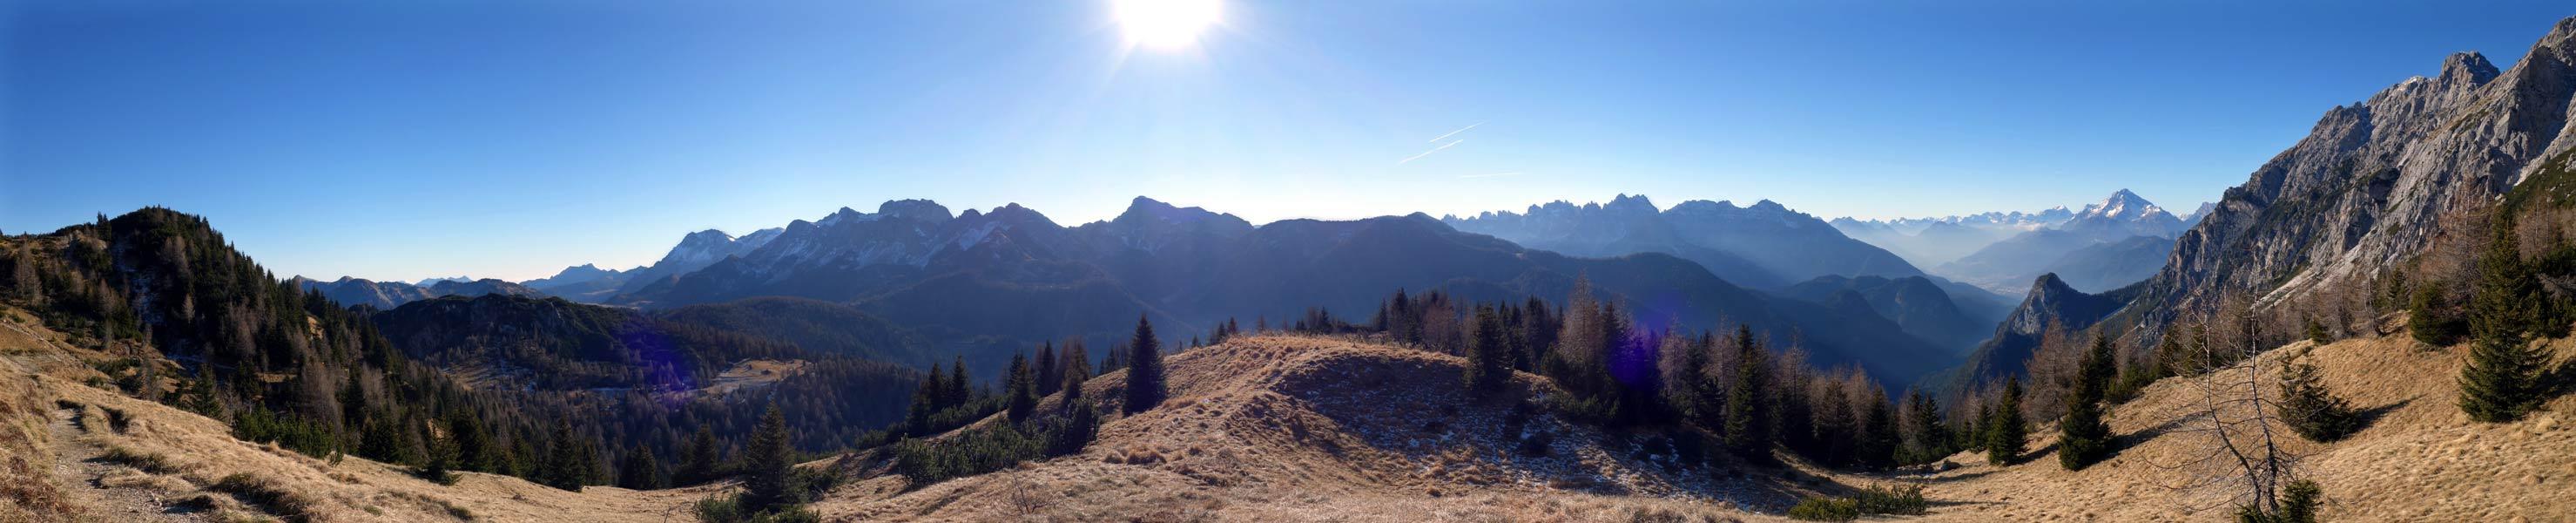 Panoramica dal Bivera all'Antelao dai pressi del Col Sarenede sull'altopiano di Razzo